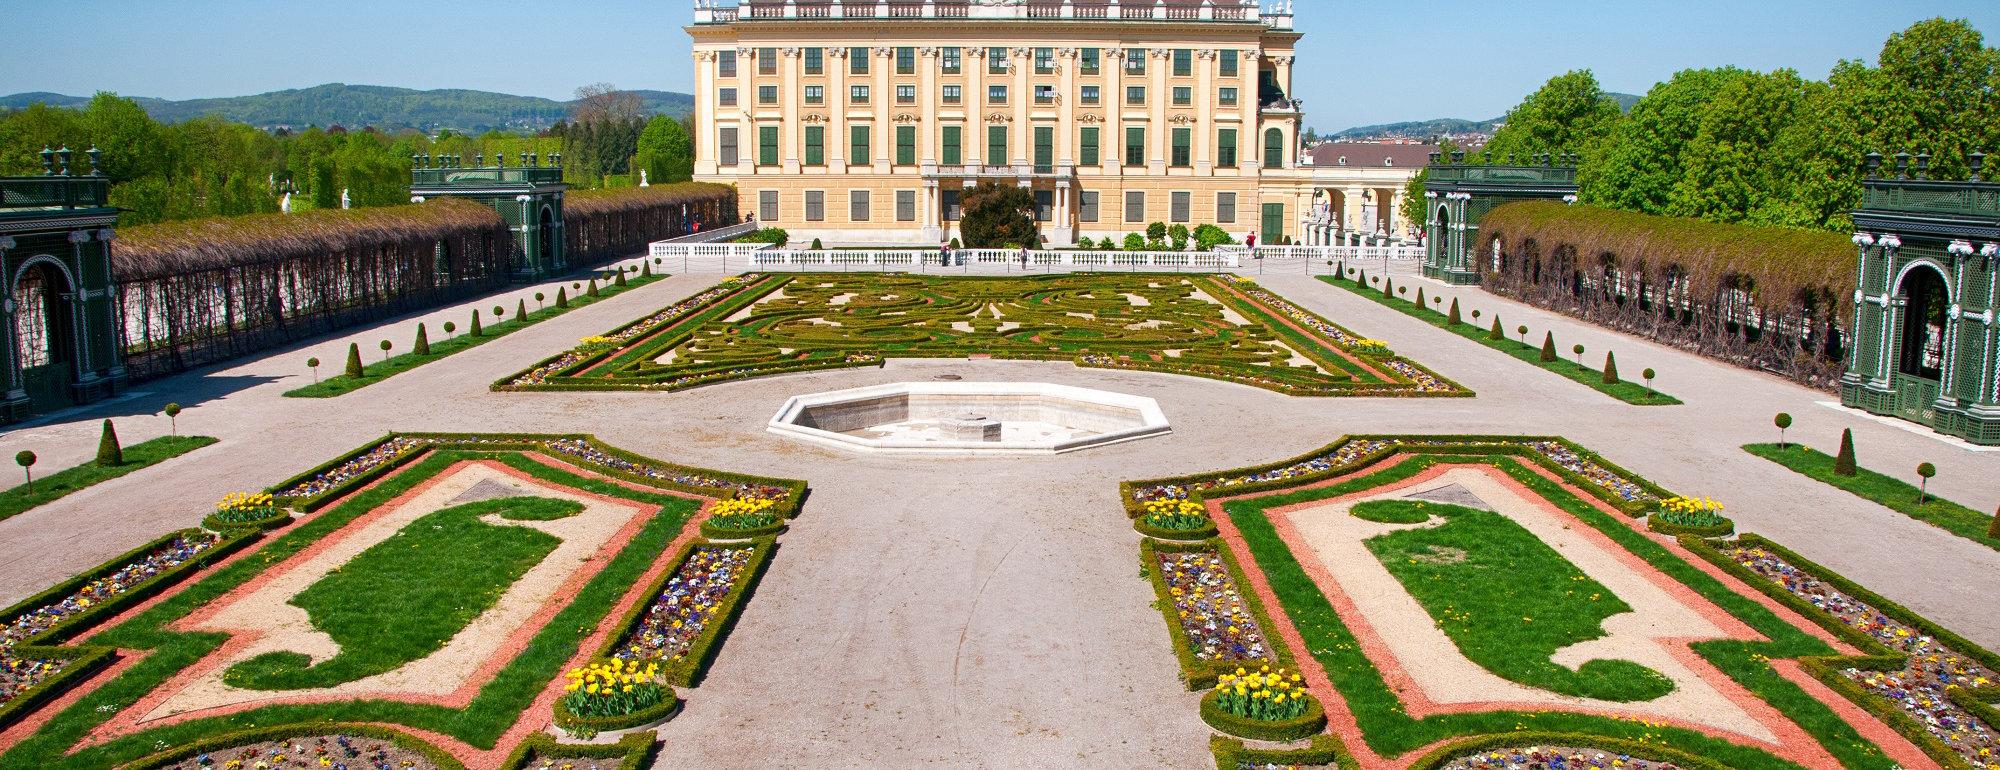 Wenen - Schloss Schönbrunn